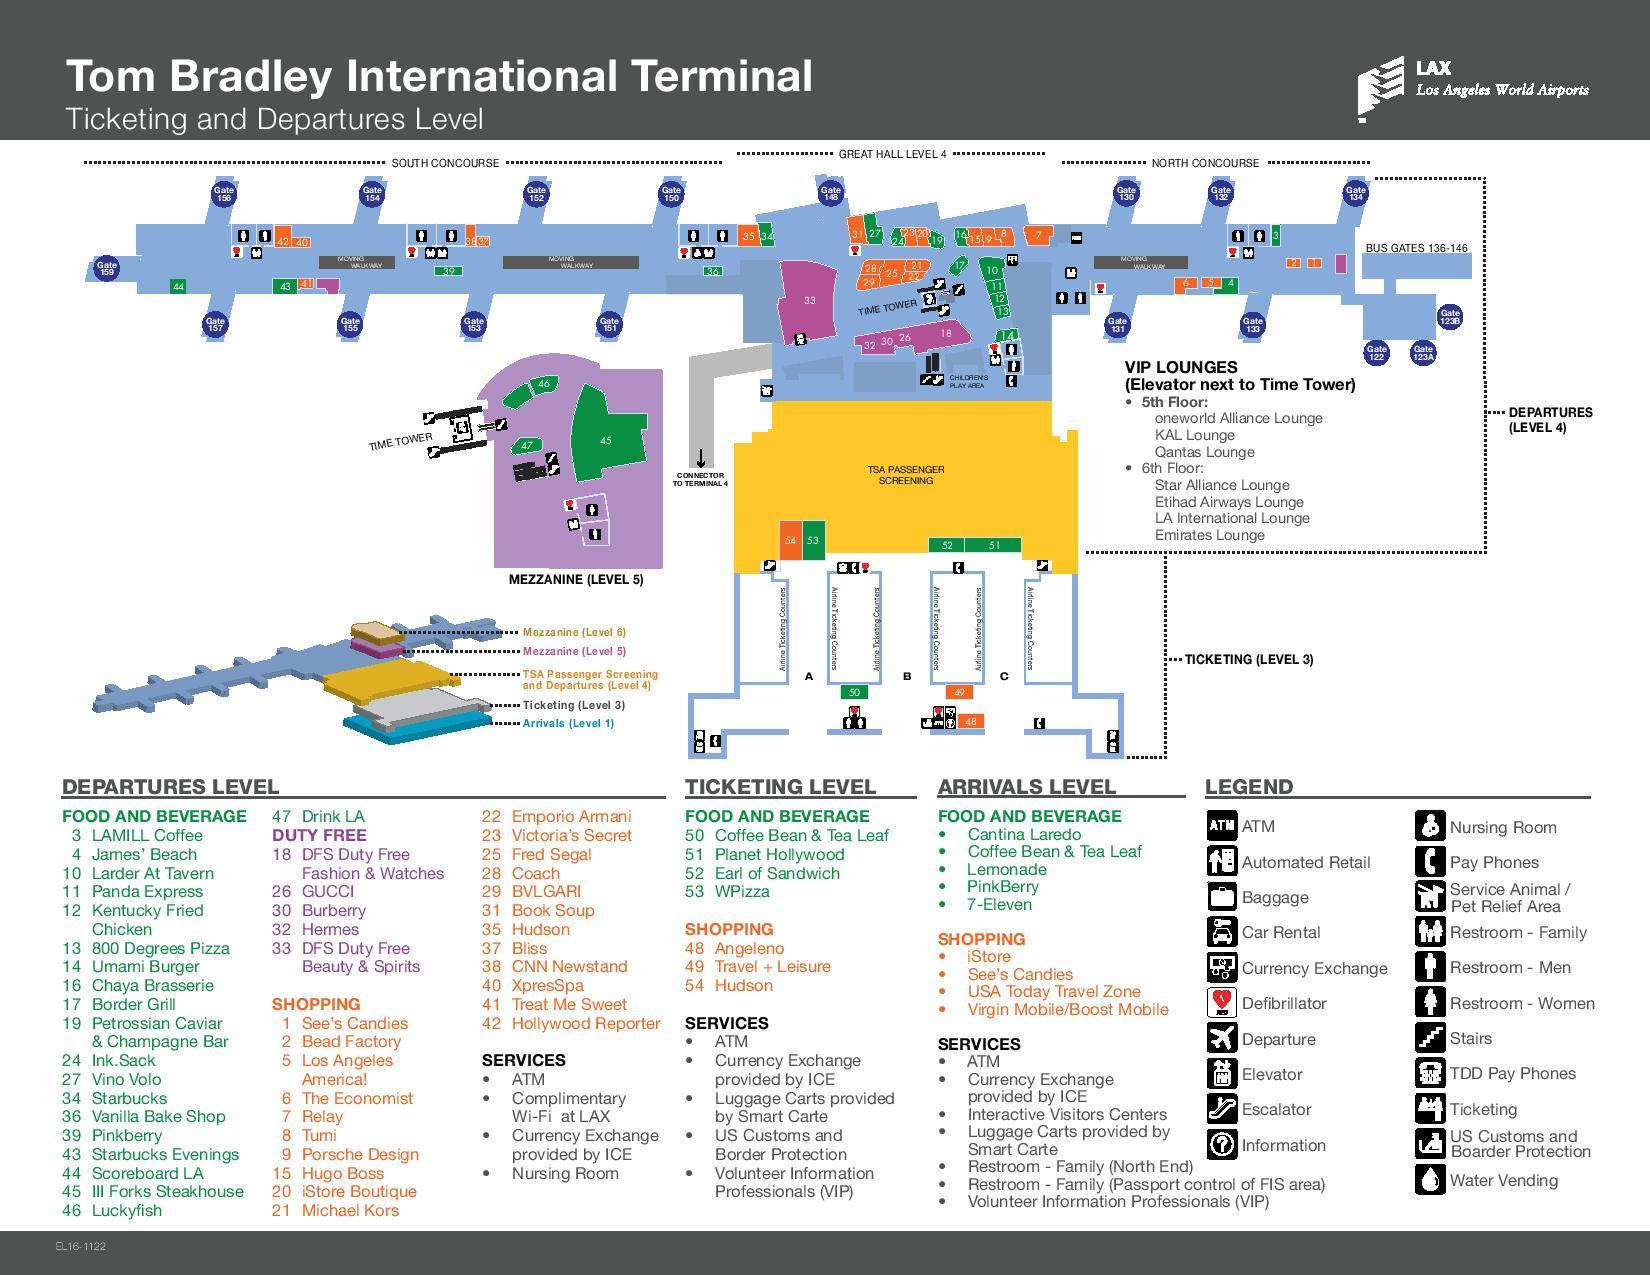 Mapa de la terminal Tom Bradley del aeropuerto de Los Angeles LAX